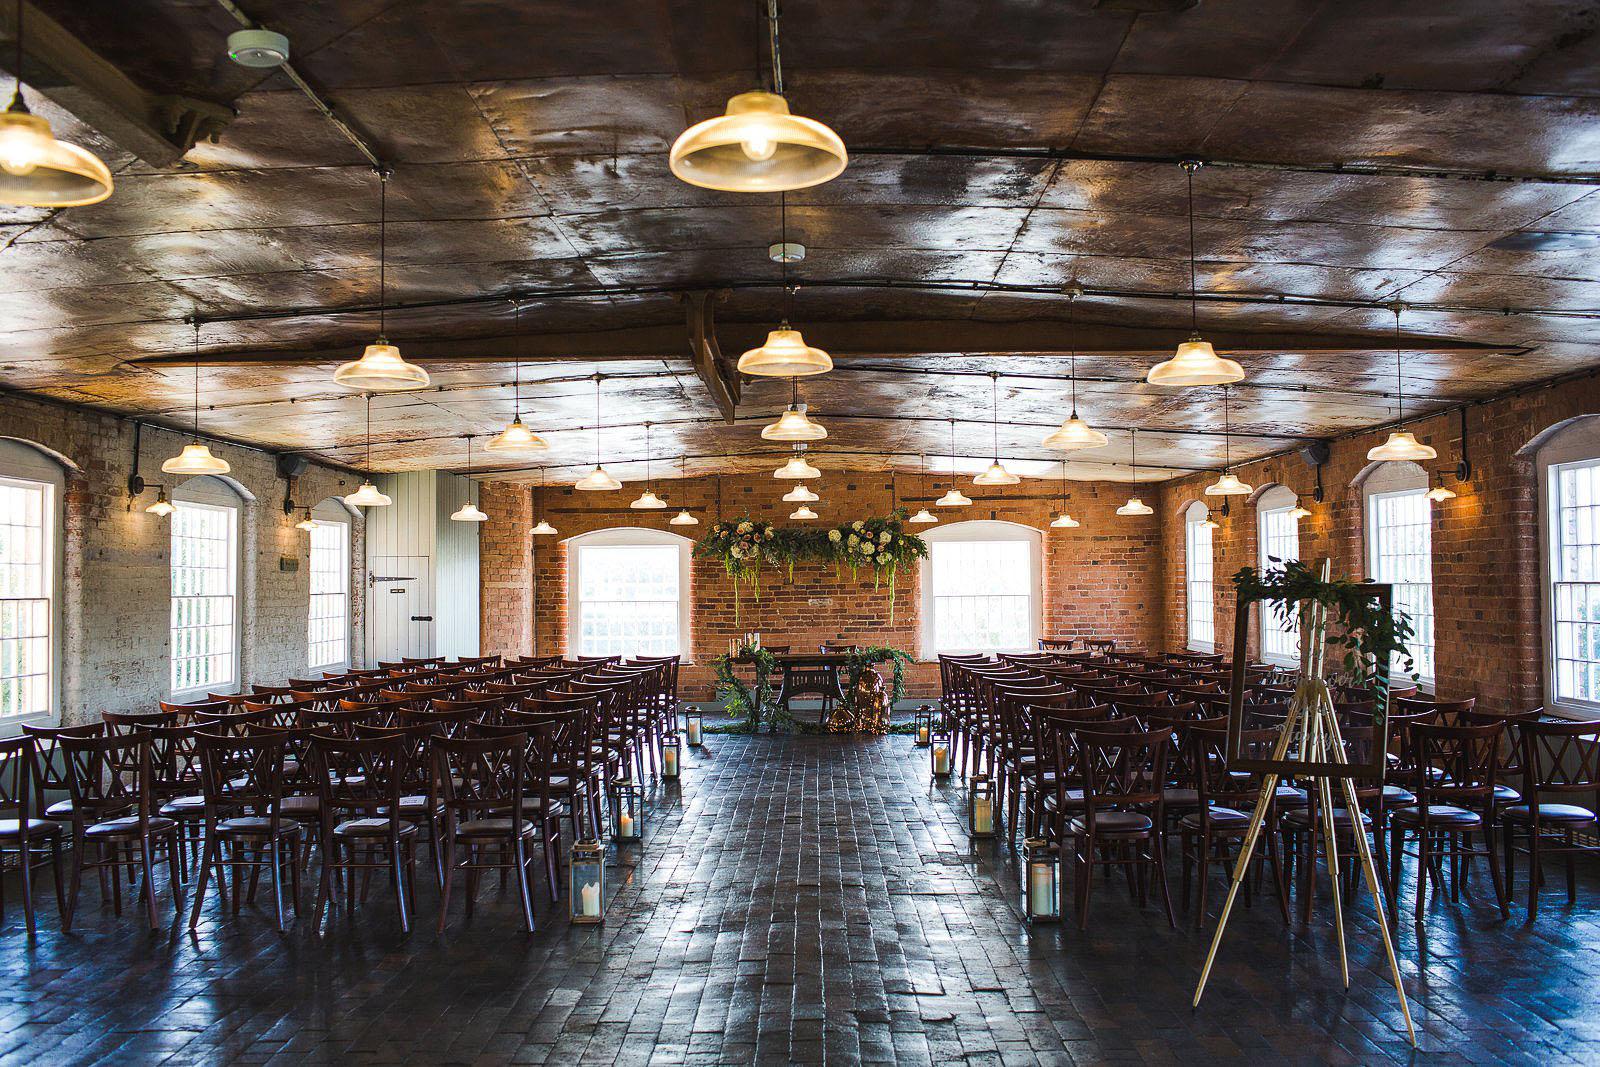 Derbyshire wedding venue